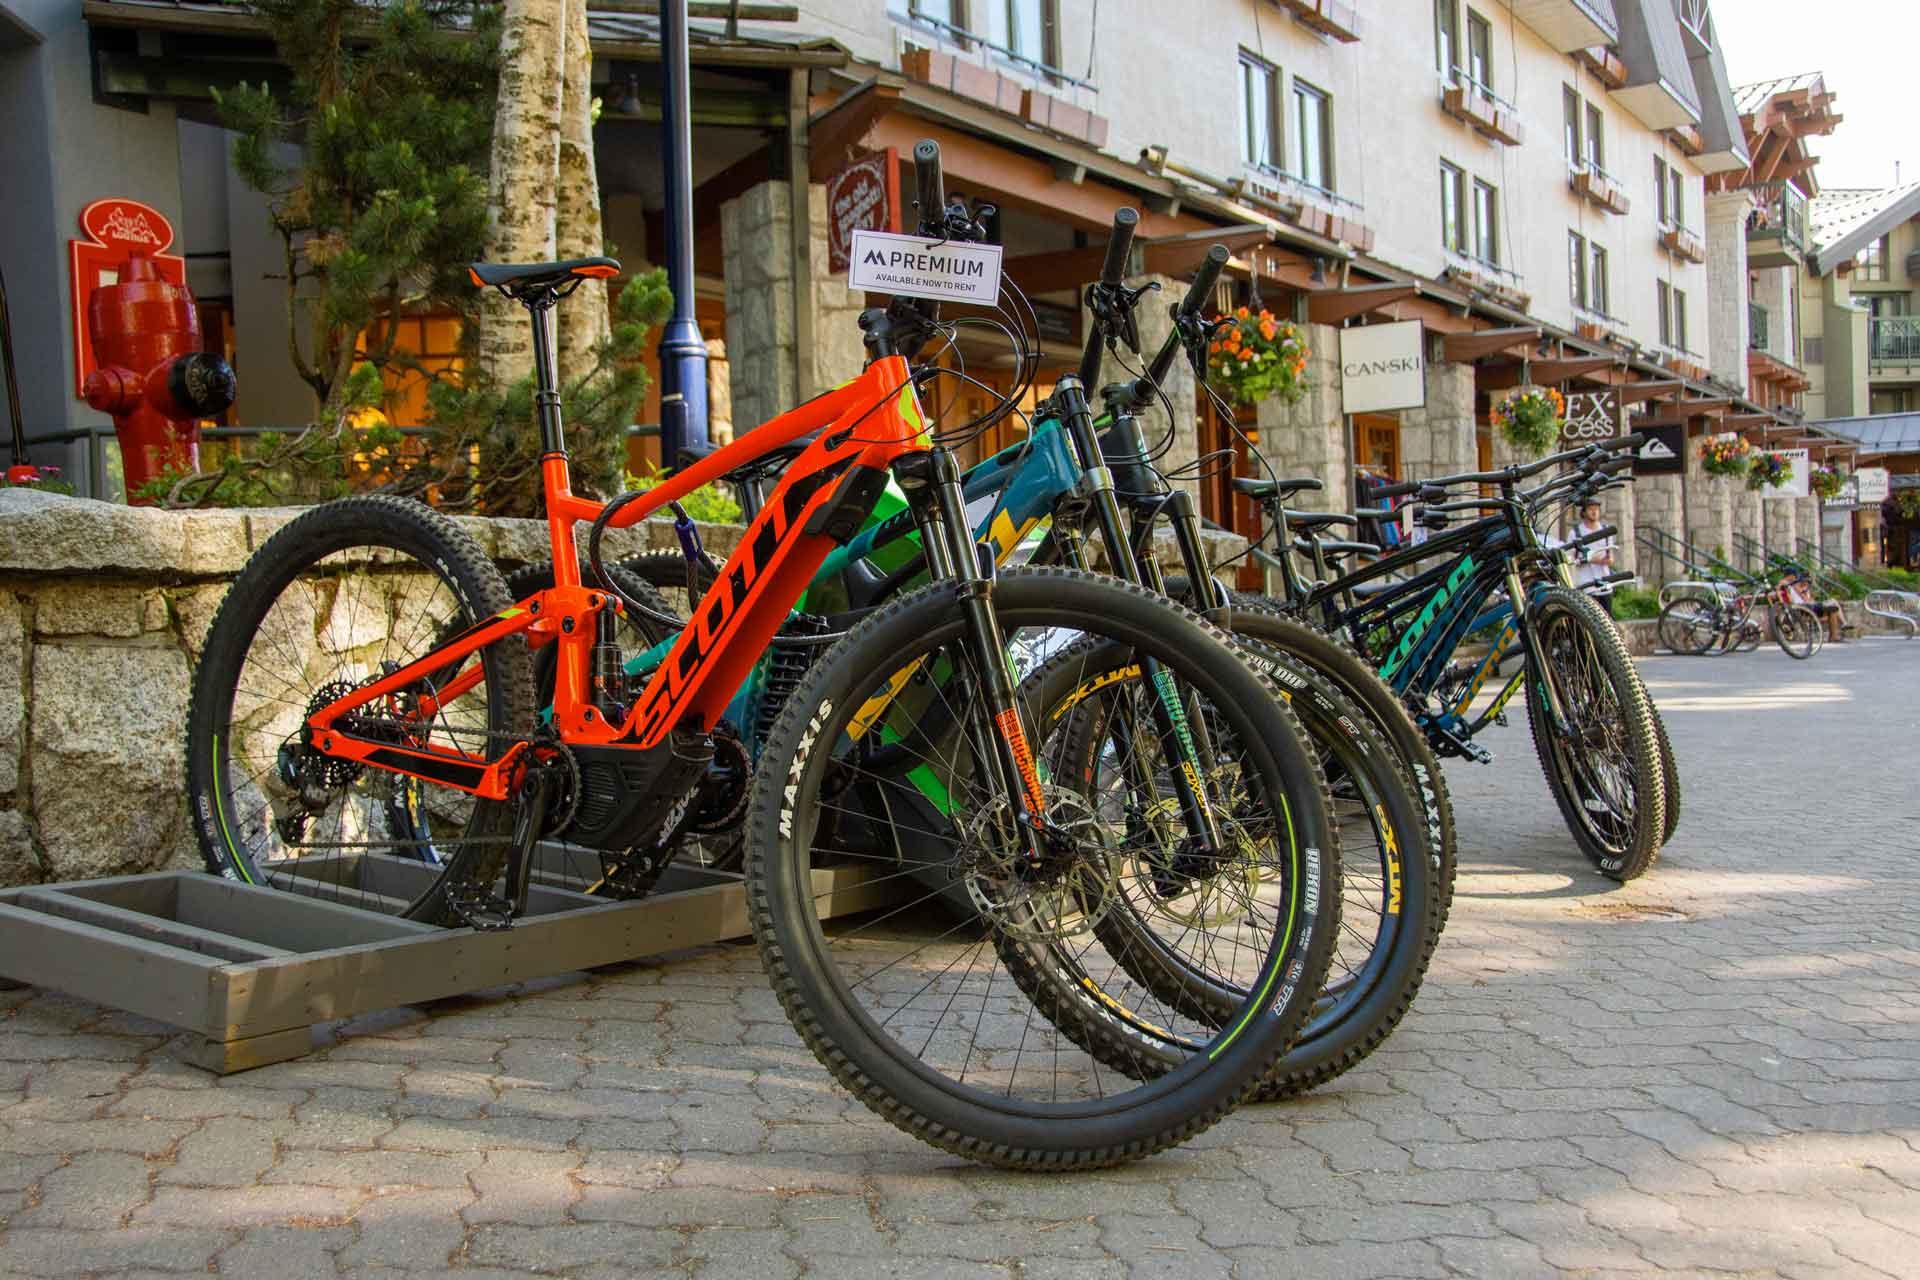 Bike-Rack-outside.jpg